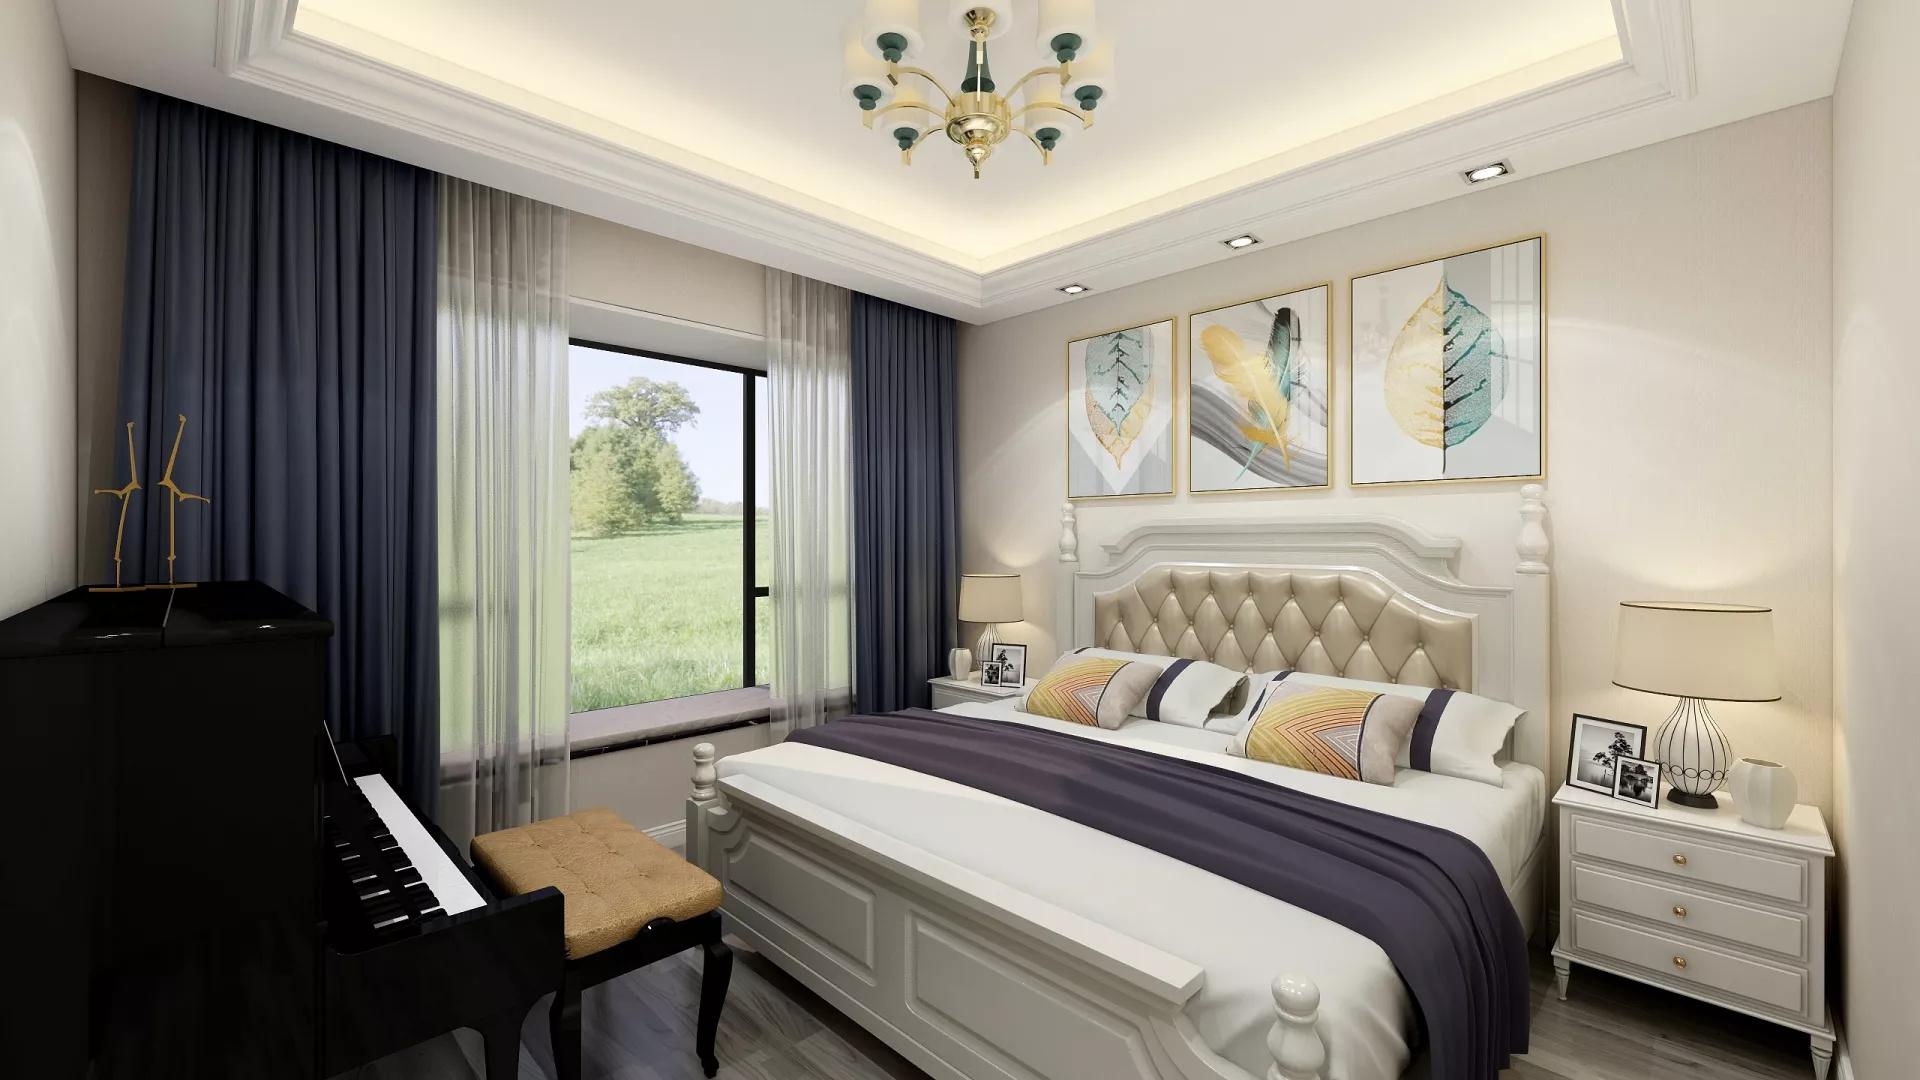 客厅装修用田园风格 让您的房子温馨且浪漫!